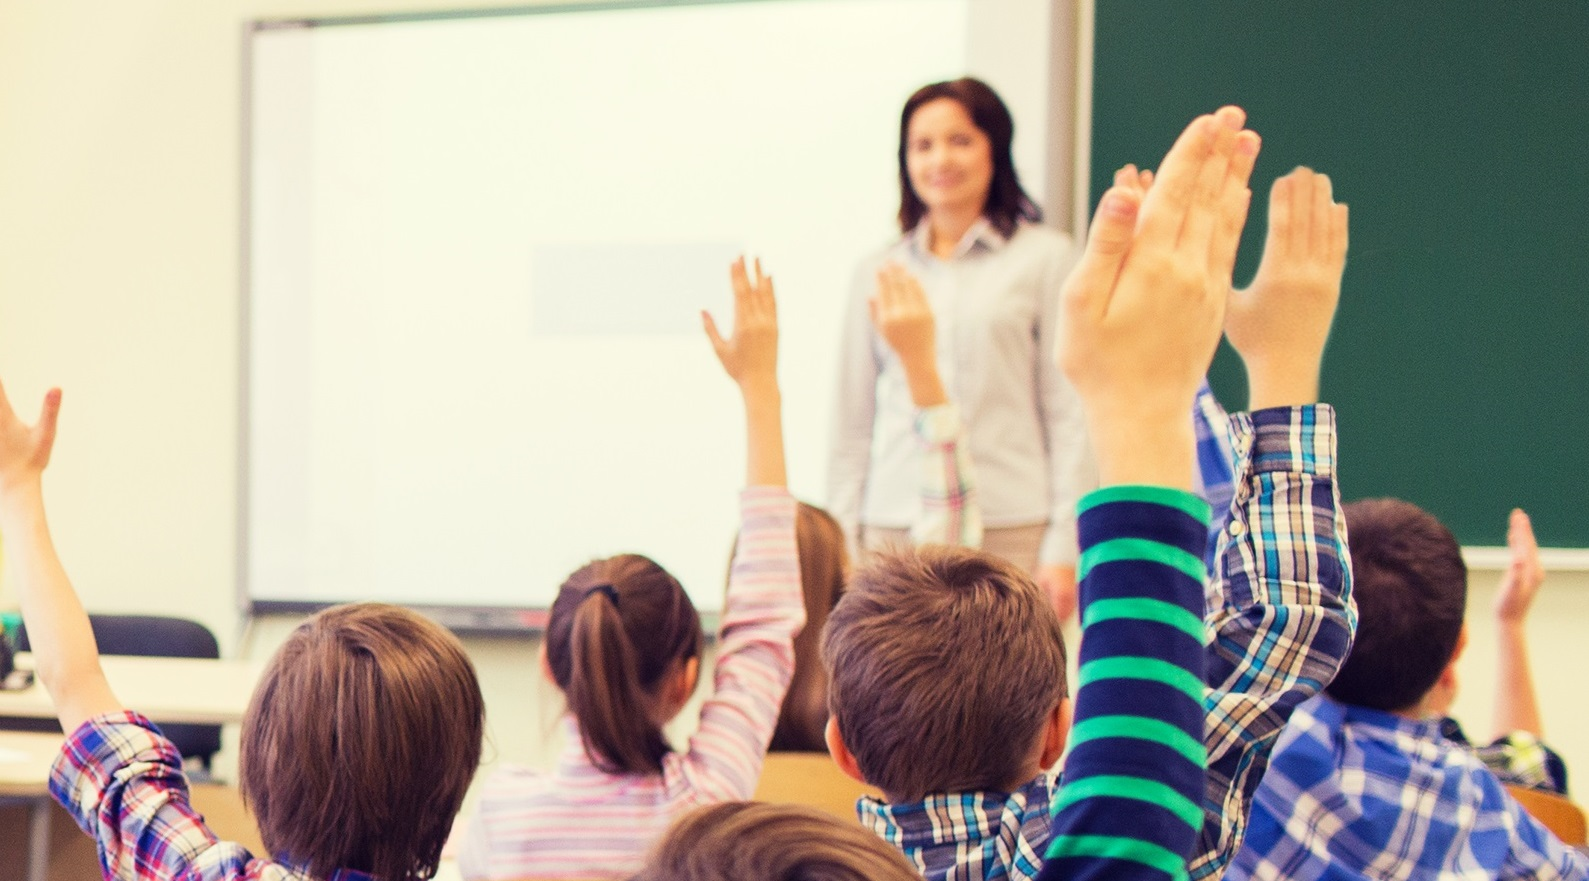 COVID-19: L'UNESCO organise un Sommet mondial sur l'éducation